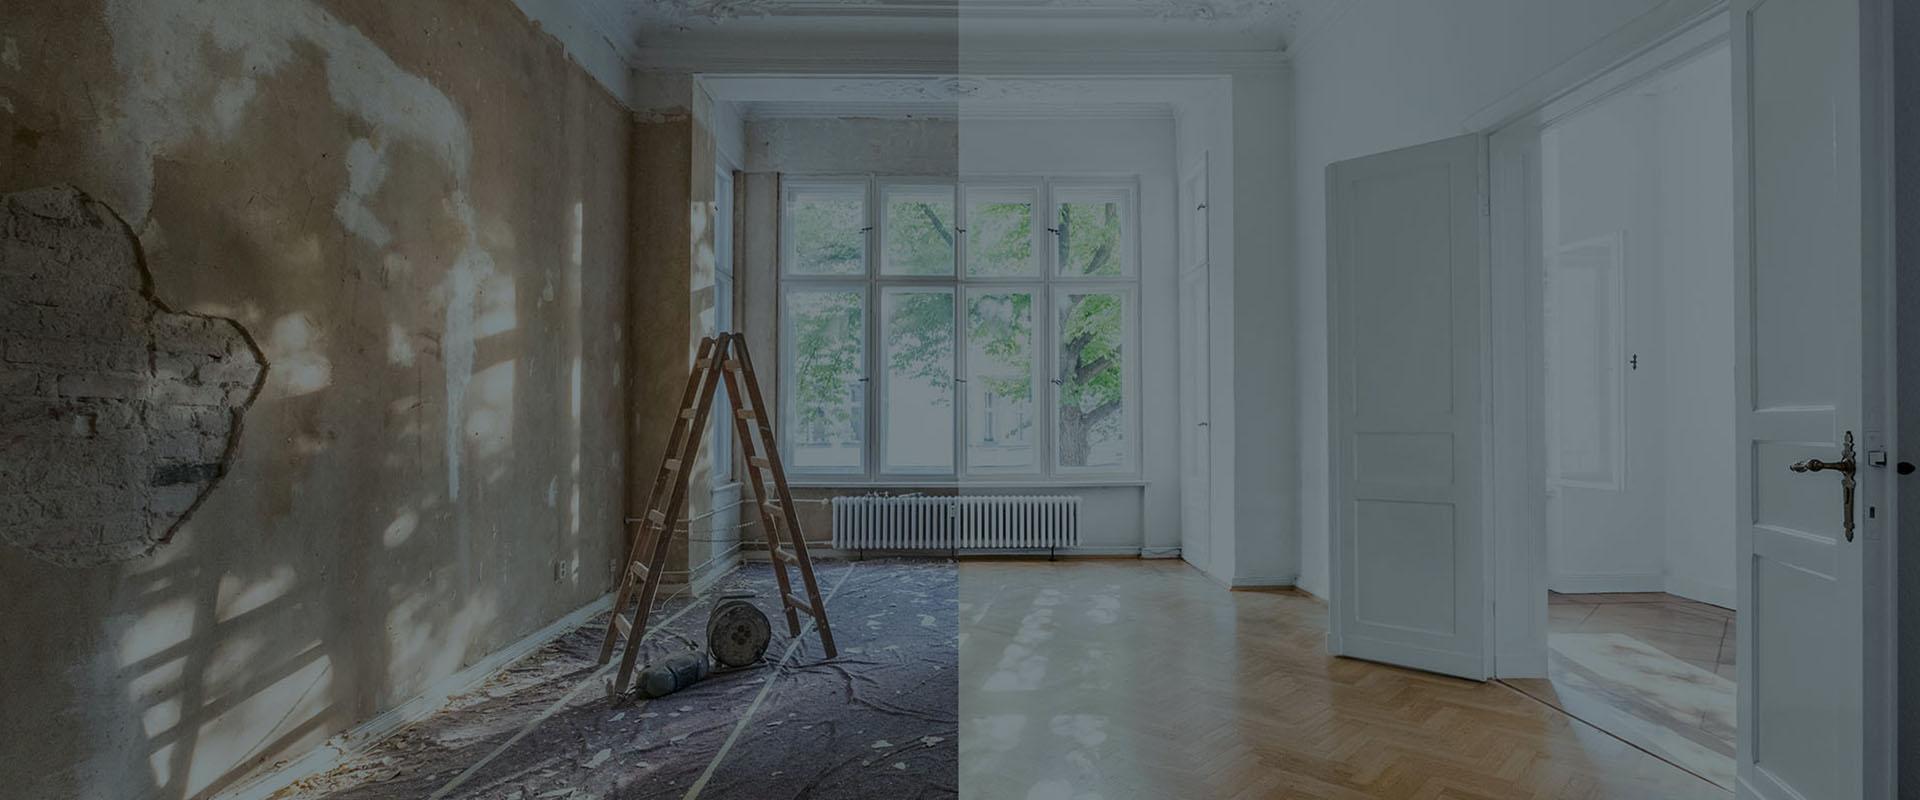 A FULL-SERVICE CONSTRUCTION COMPANY